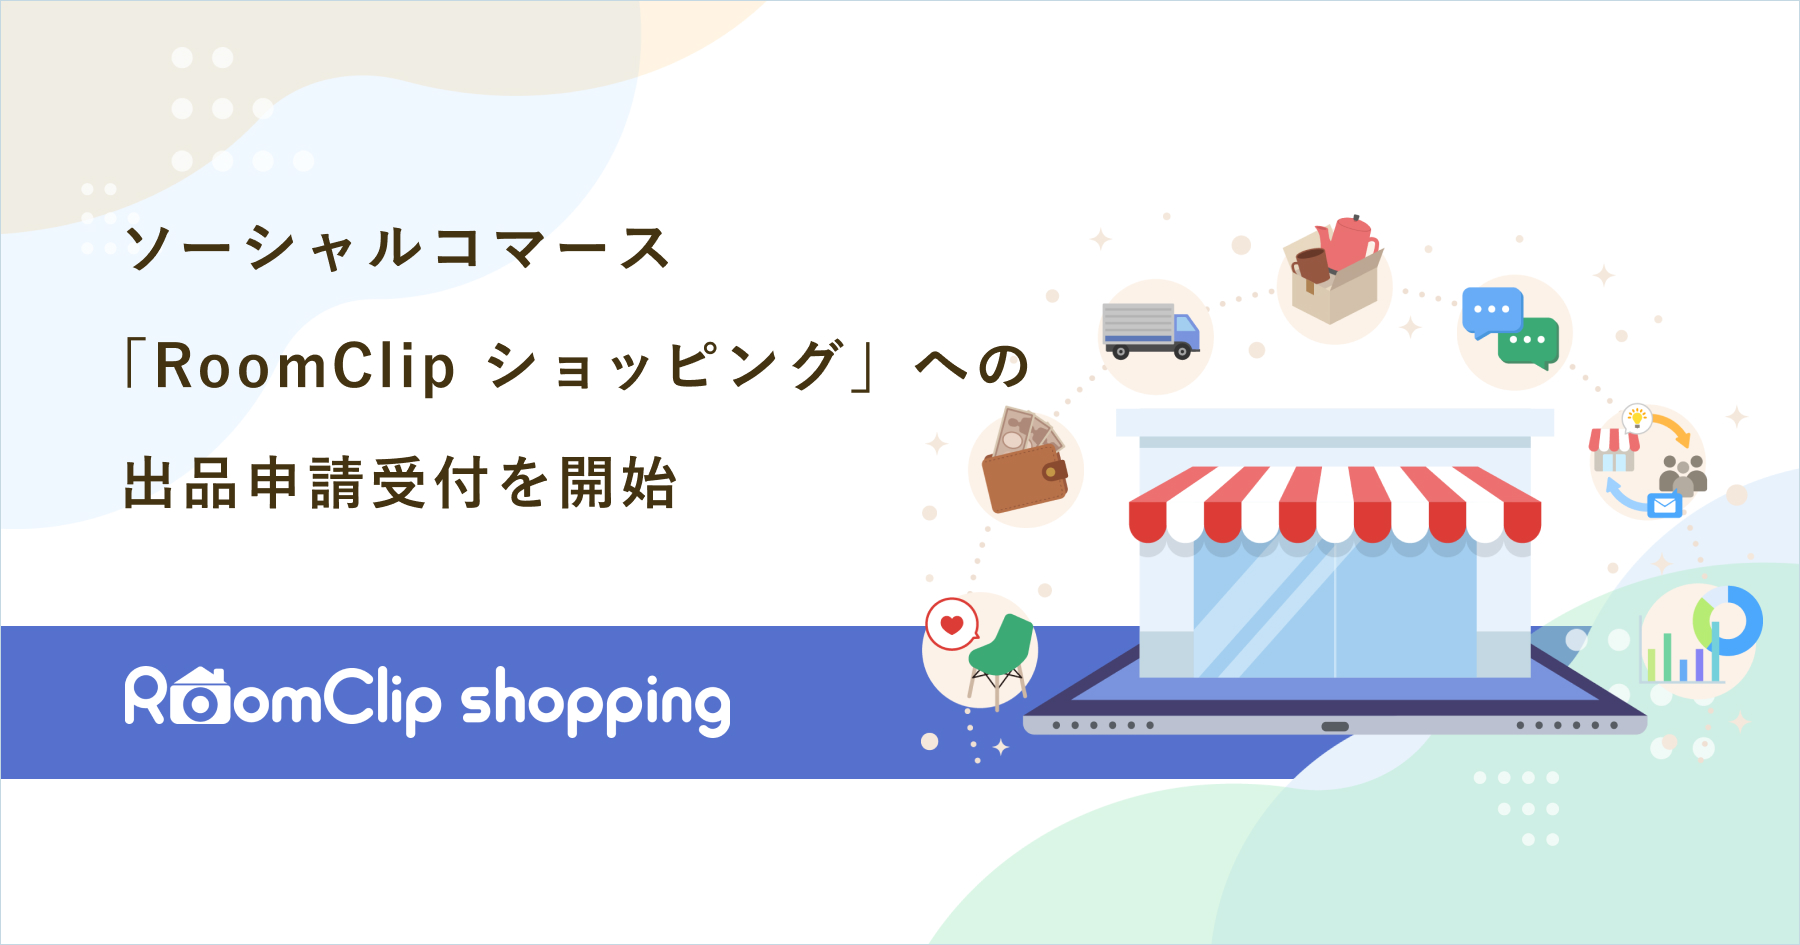 ルームクリップ、ソーシャルコマース「RoomClip ショッピング」への出品申請受付を開始